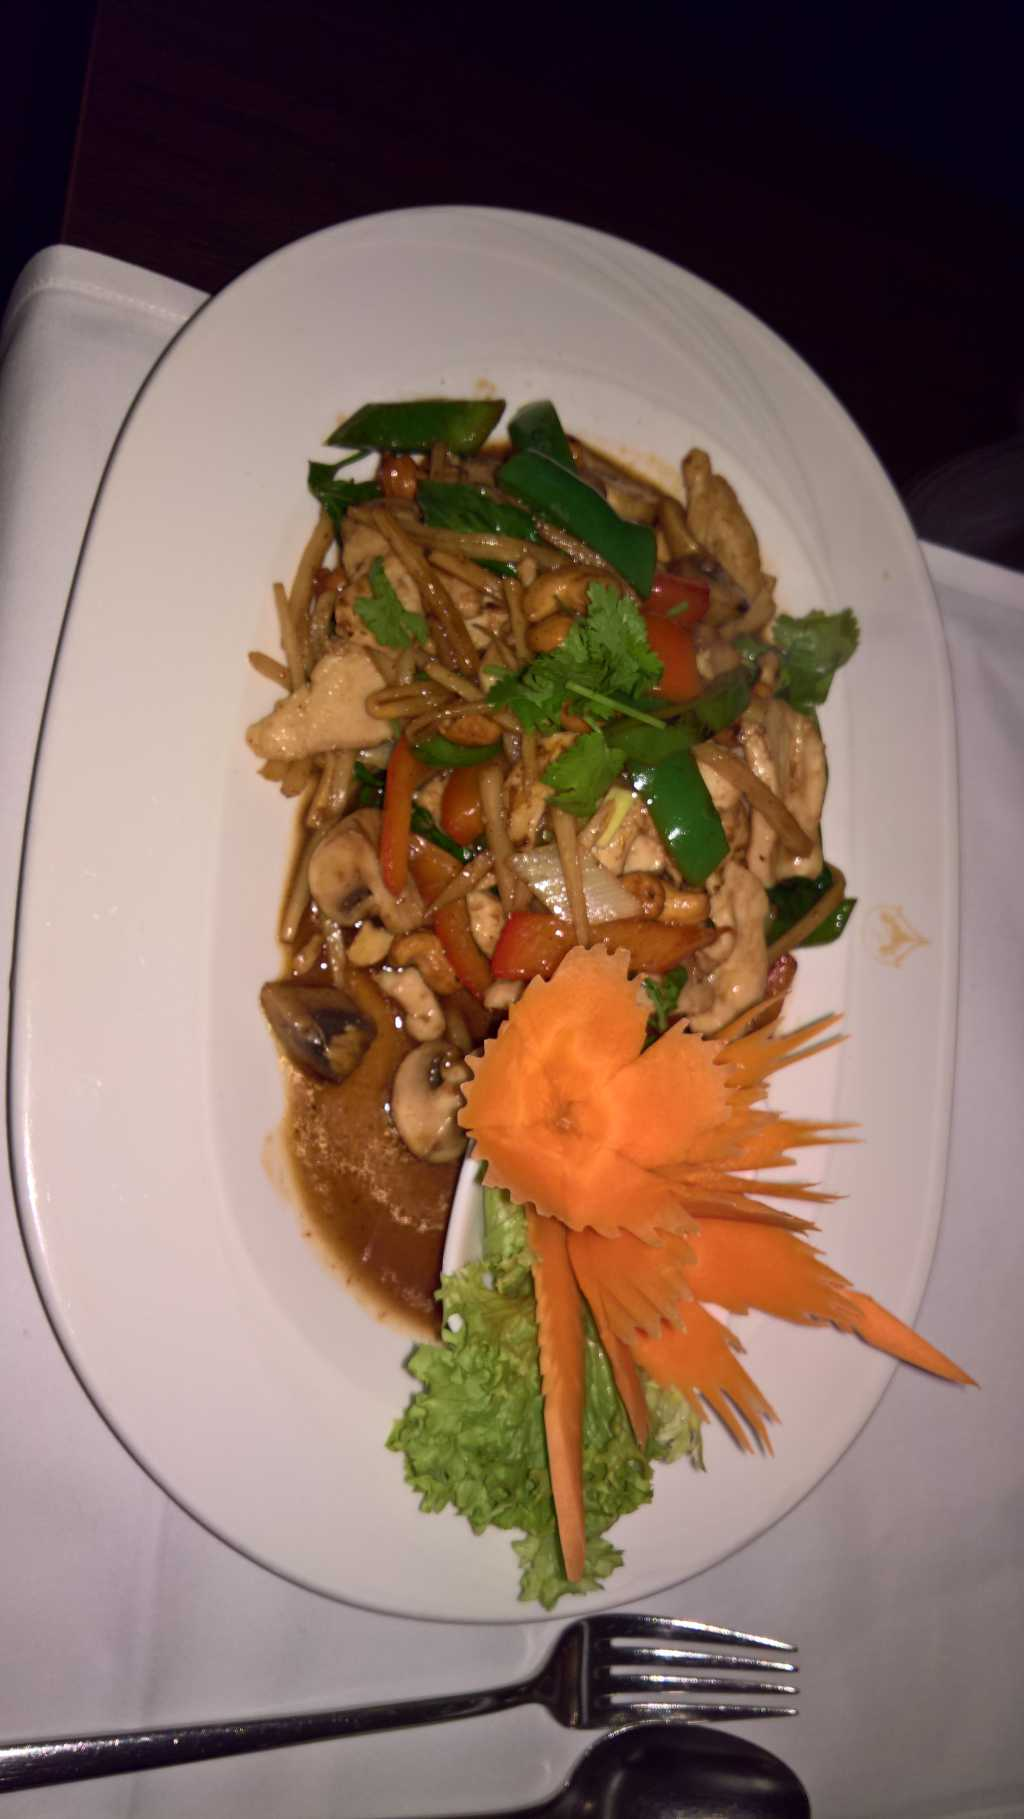 Thai-Gemüse mit Huhn in Erdnuss-Soße - Pad Medmamuang (weniger scharf)  für 11,70 €